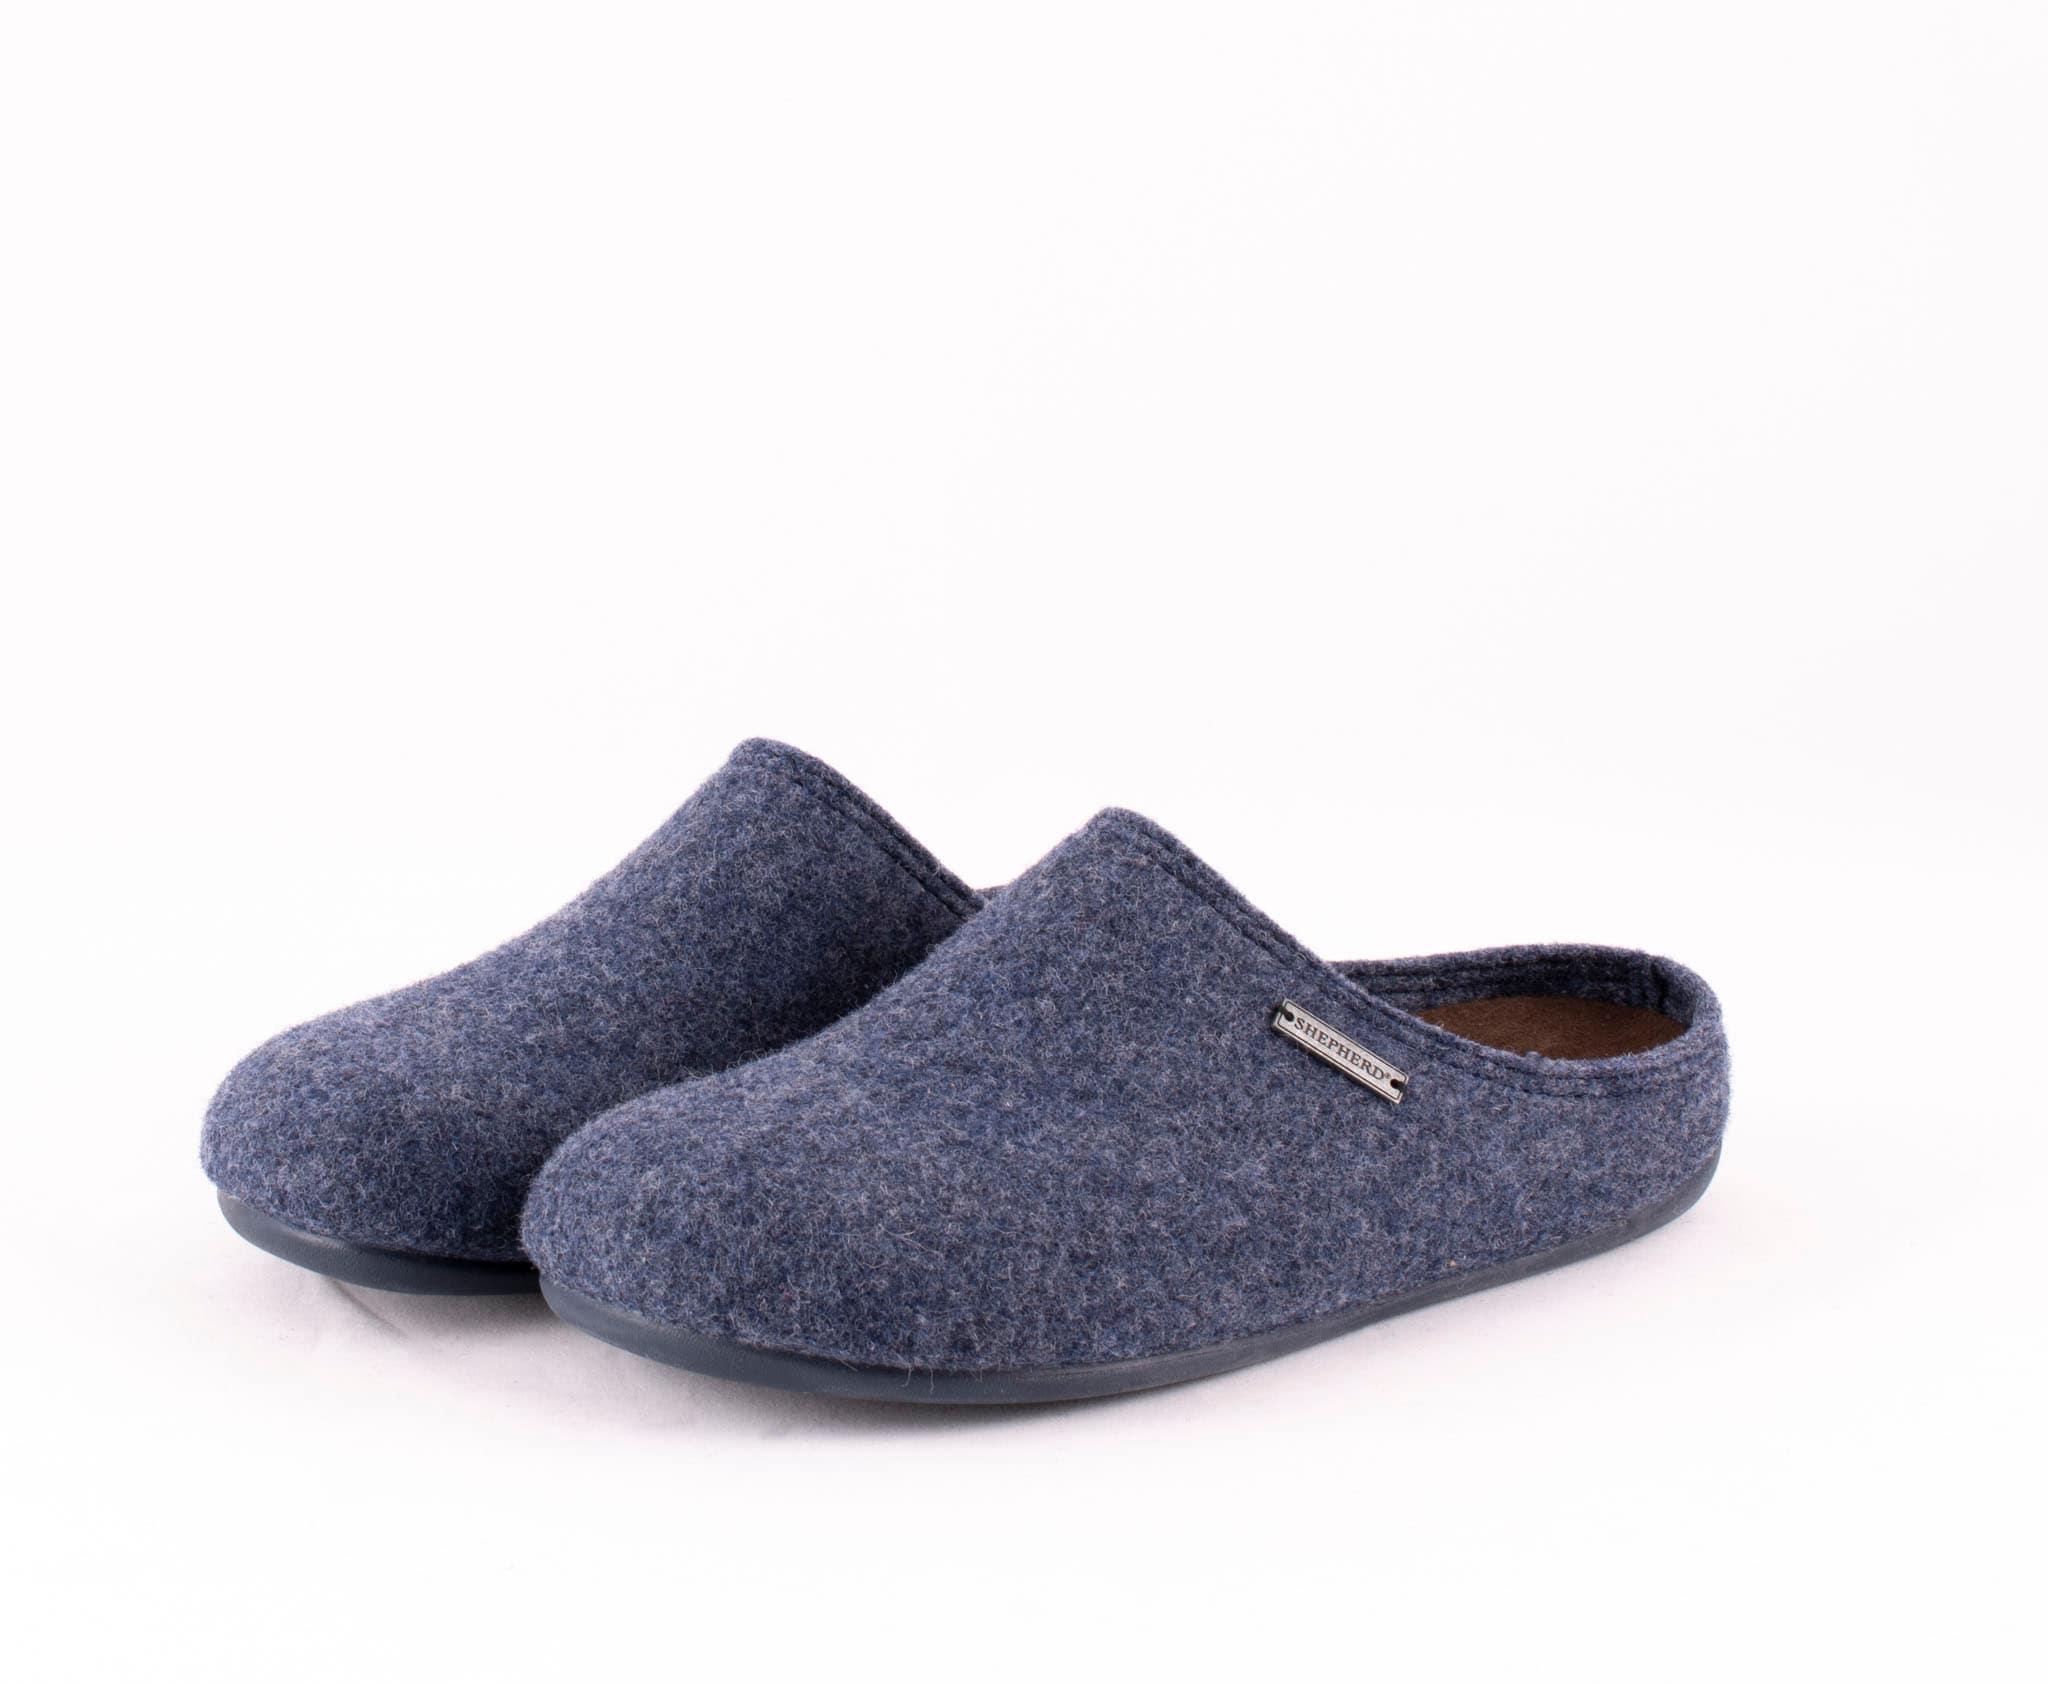 Jon wool slippers